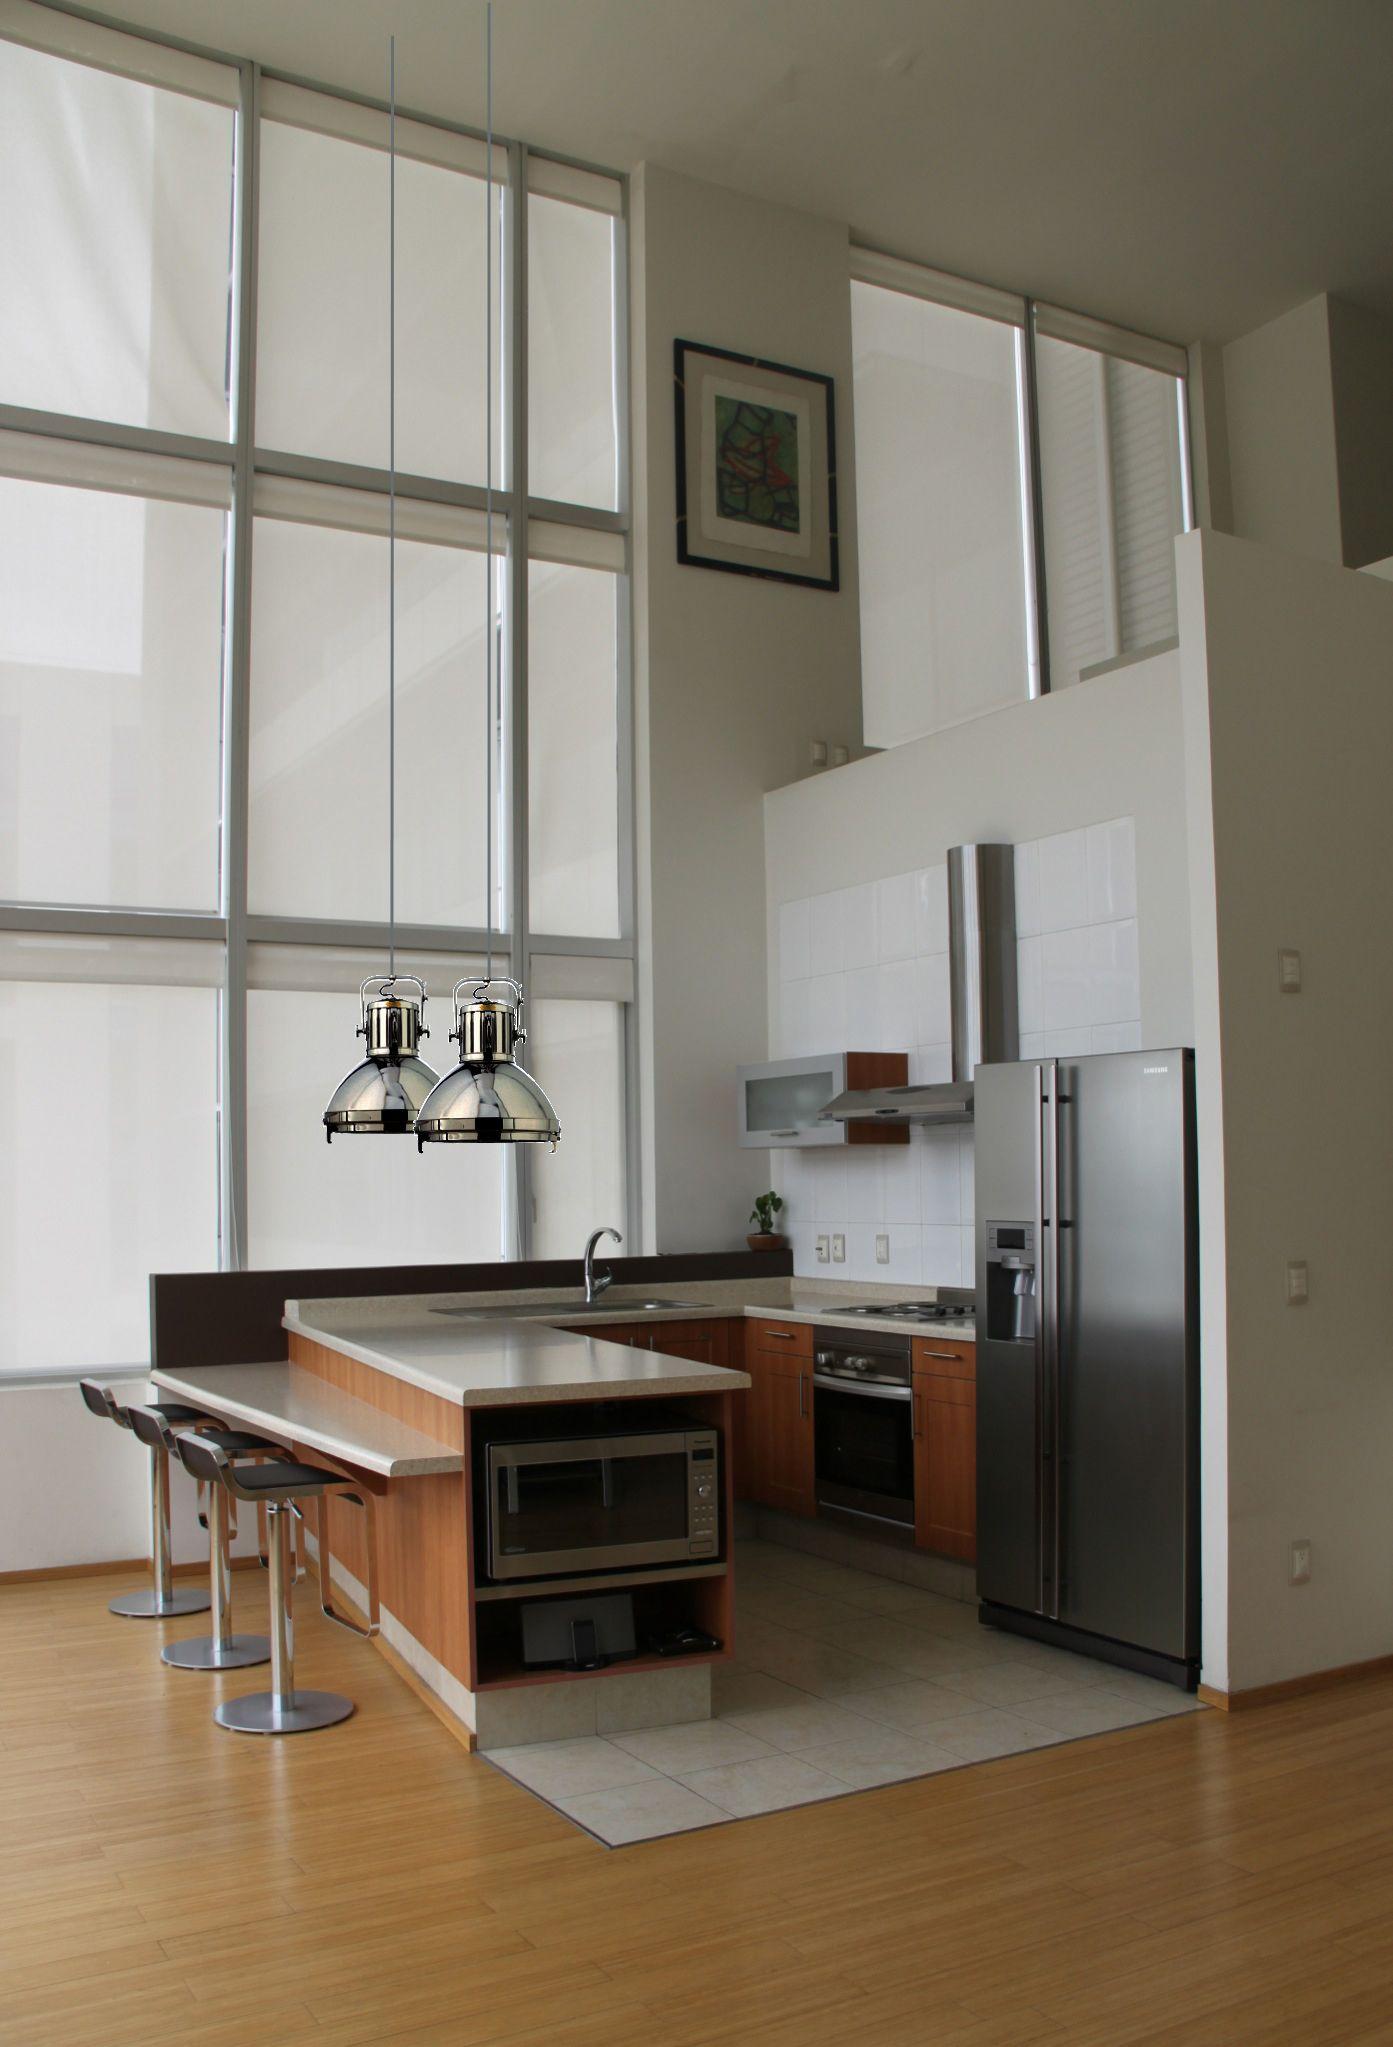 Reforma cocina abierta en loft con distribuci n en u - Azulejos suelo cocina ...